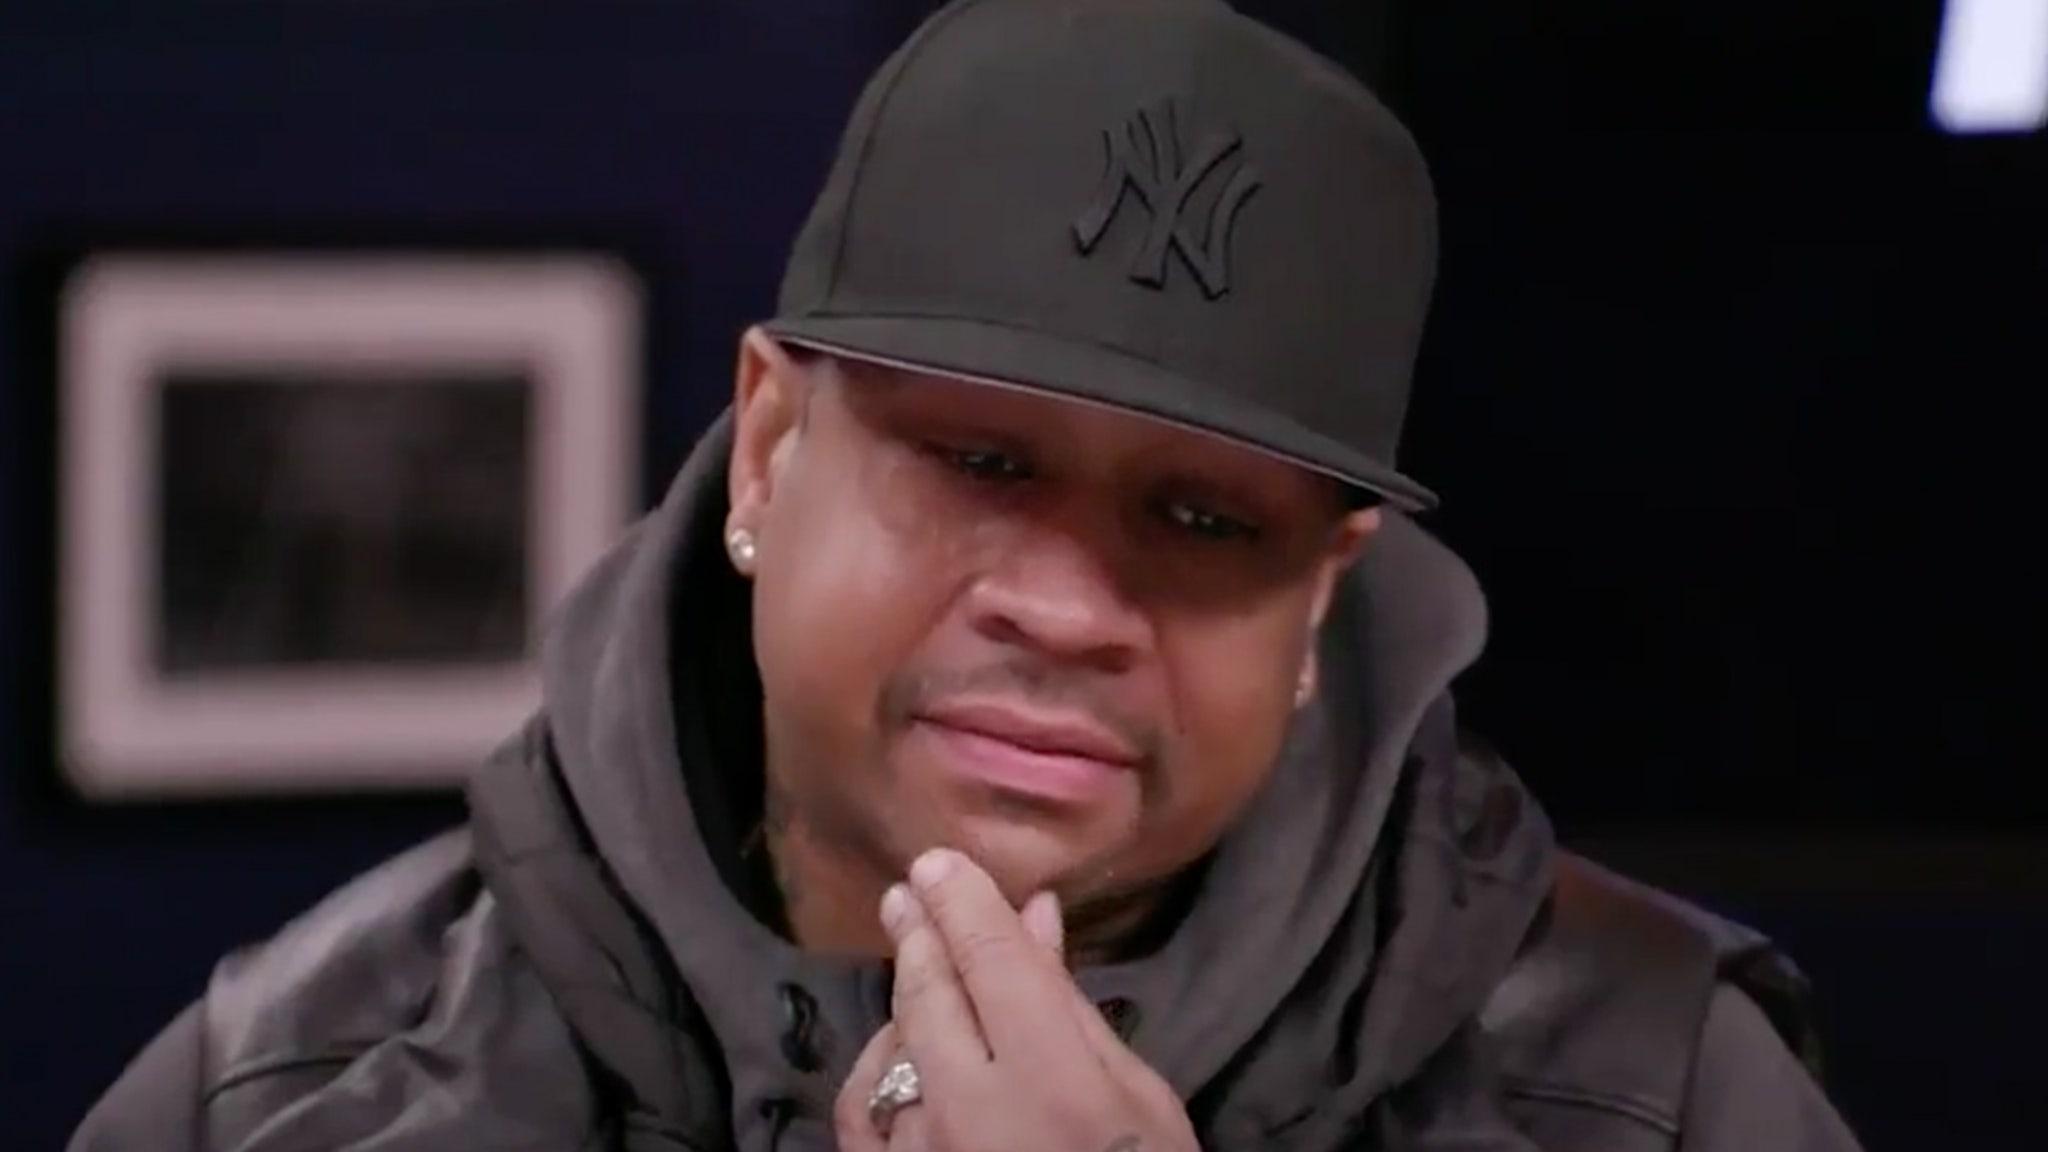 Allen Iverson Breaks Down Remembering Kobe ... 'My Guy'